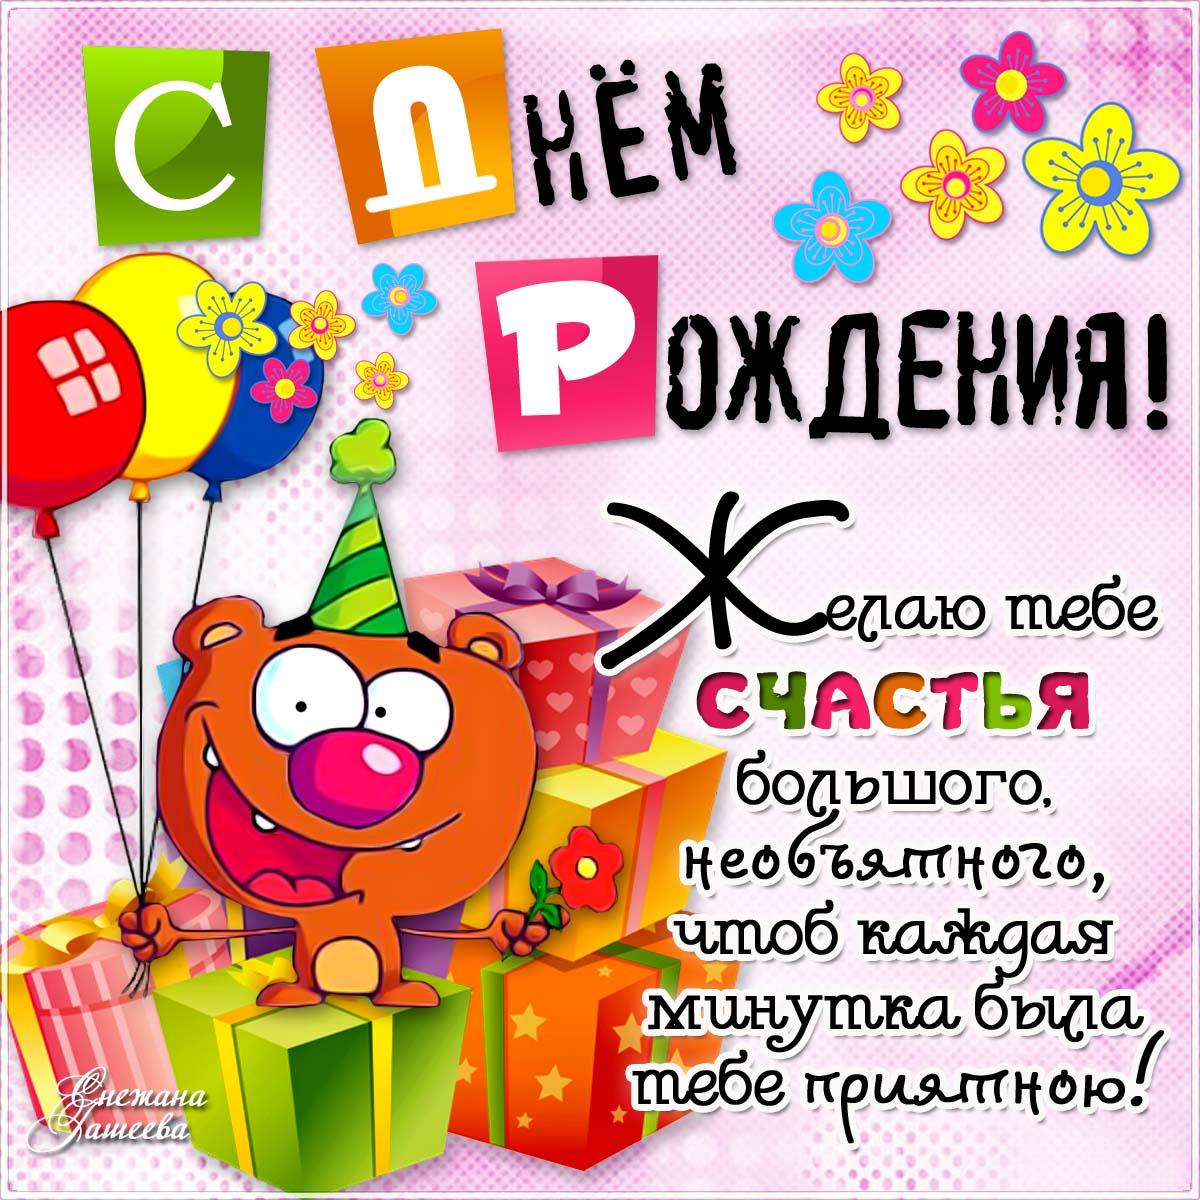 Смешные фотки для поздравления с днем рождения7